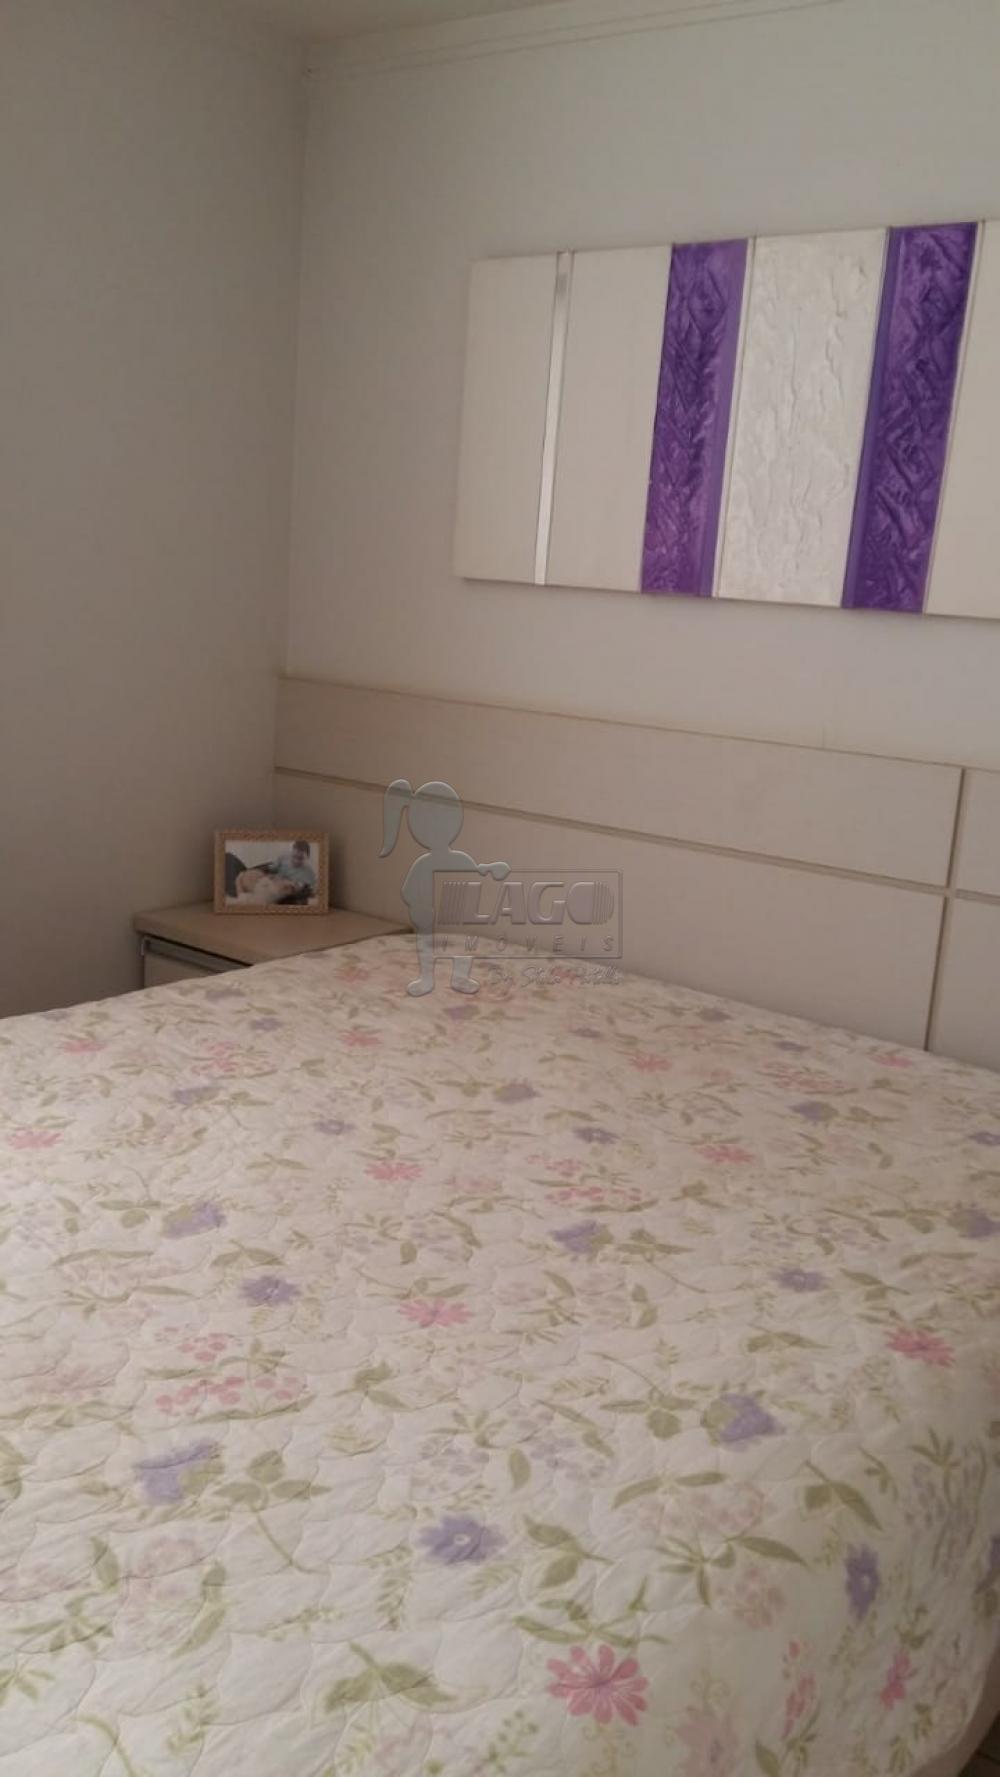 Comprar Apartamento / Padrão em Ribeirão Preto apenas R$ 240.000,00 - Foto 20